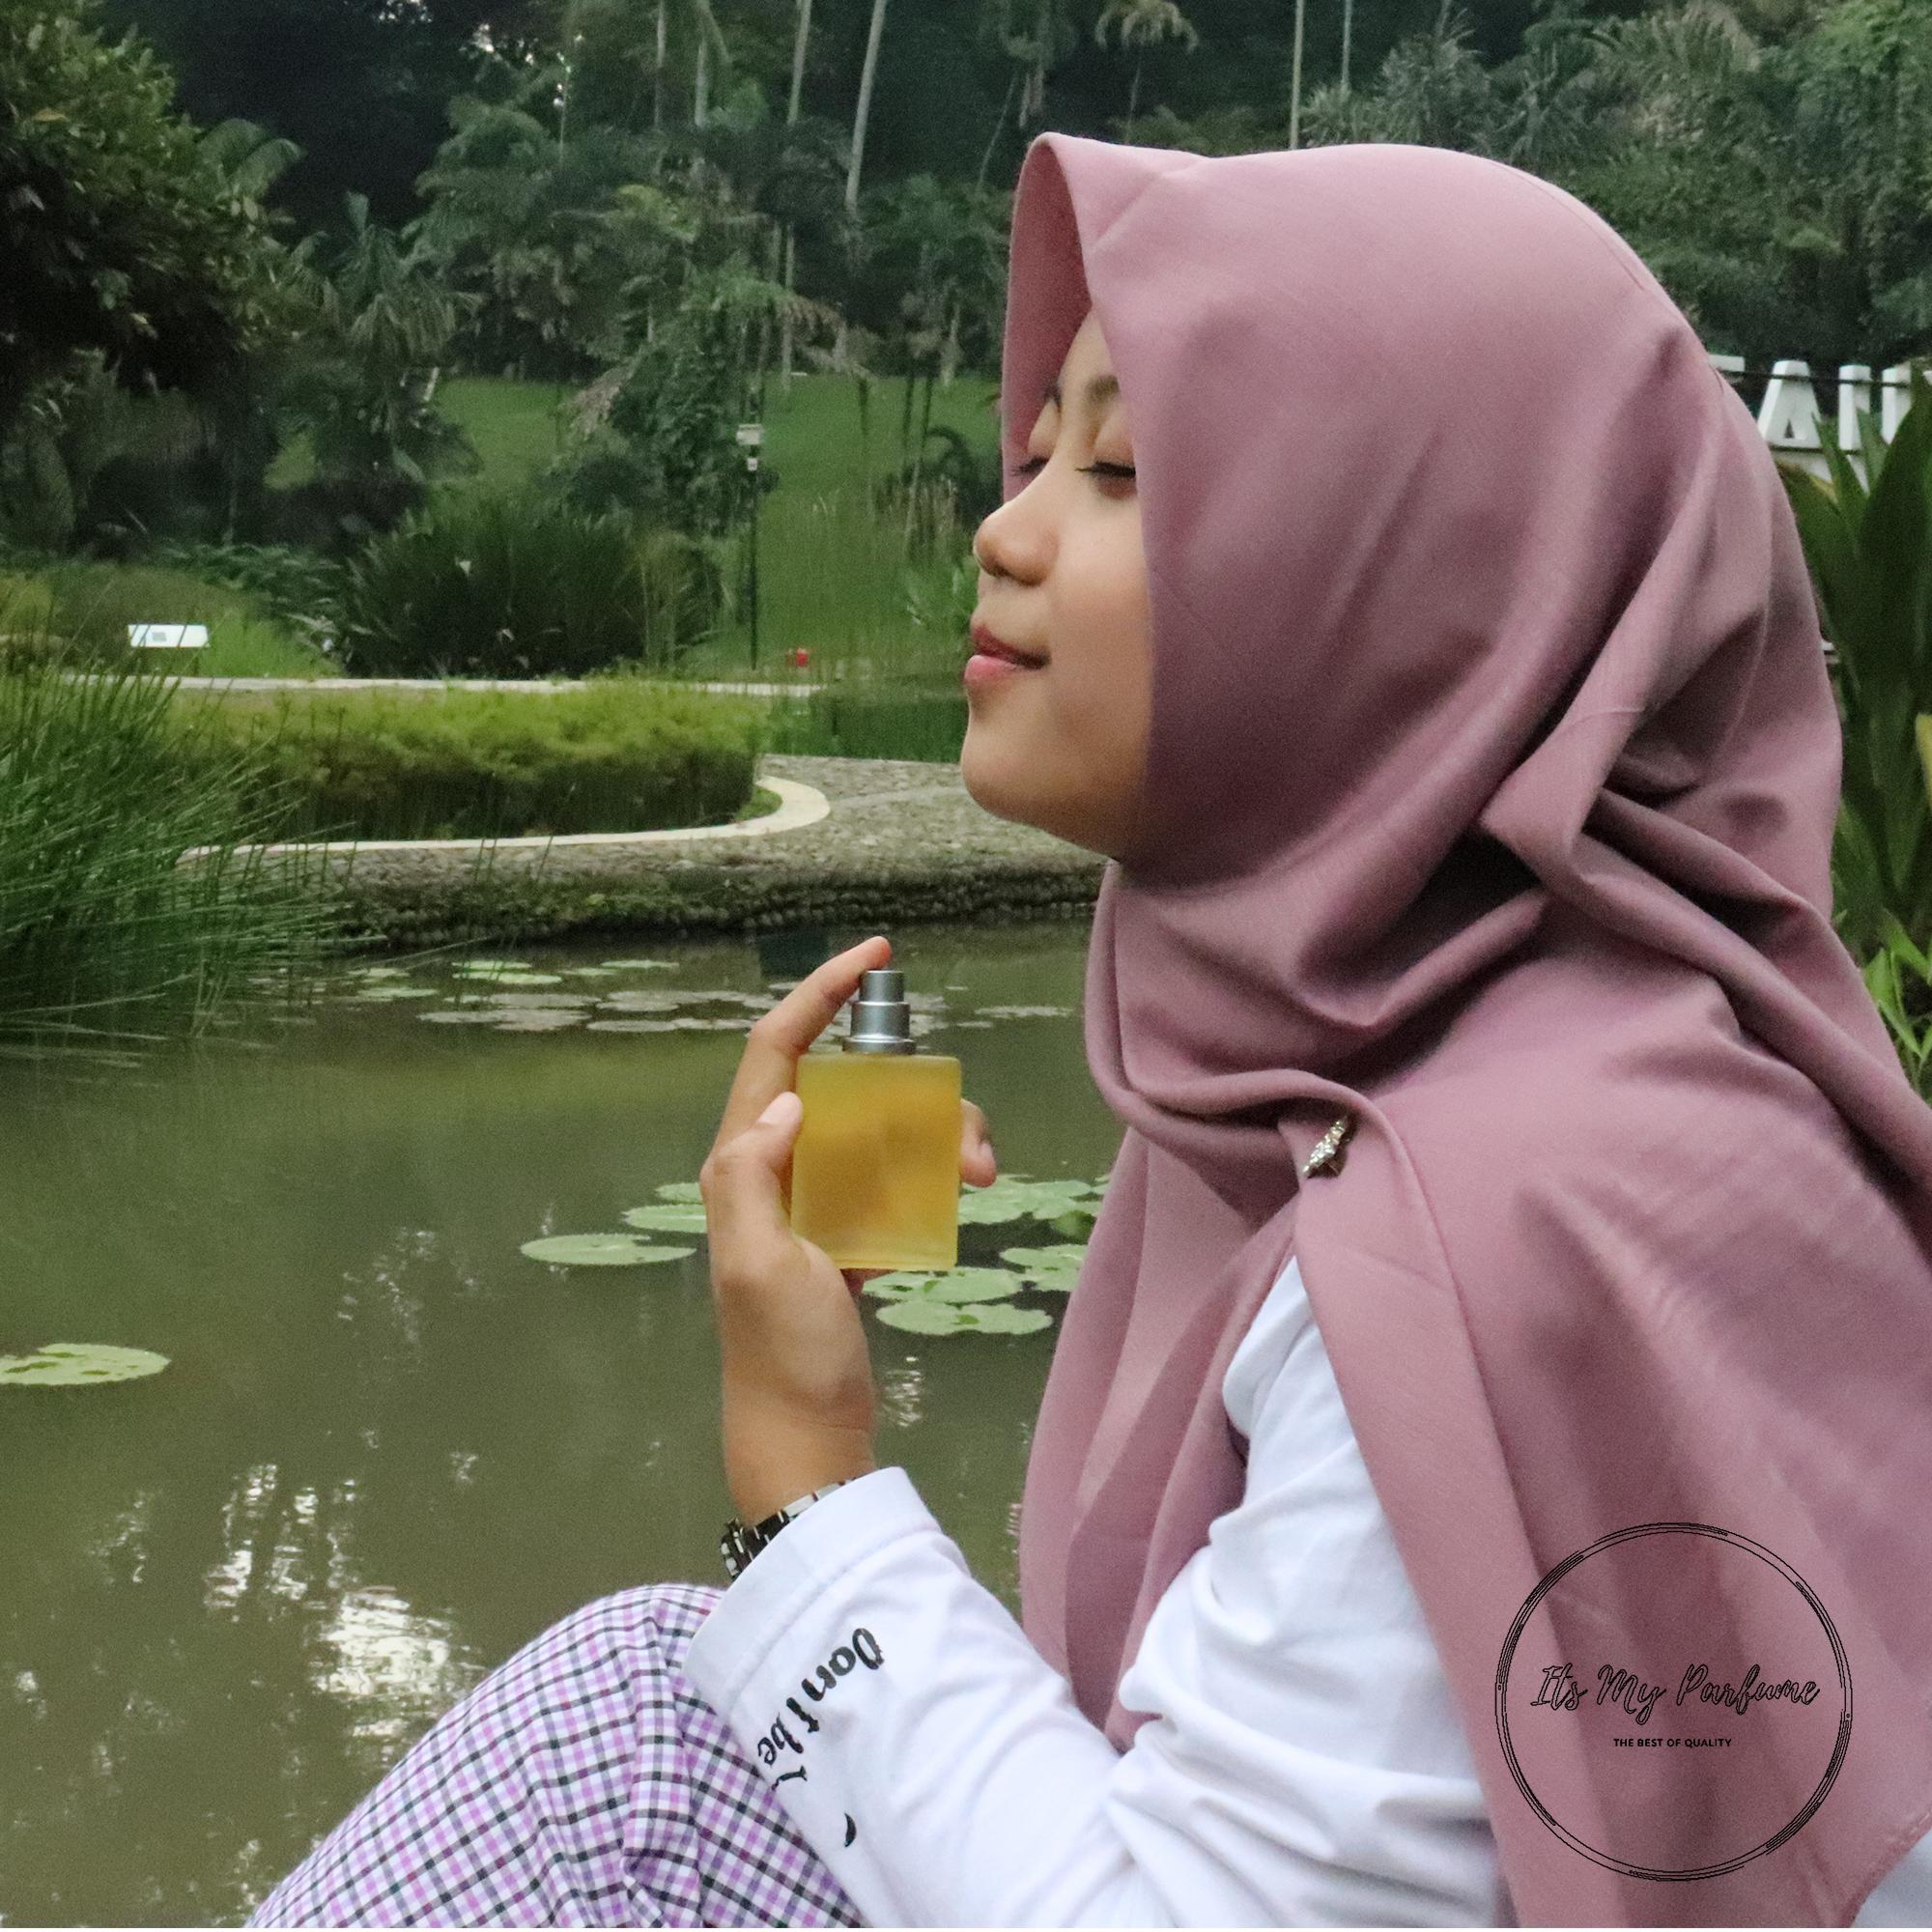 sarah jessica parker 30 ml - Its My Parfume